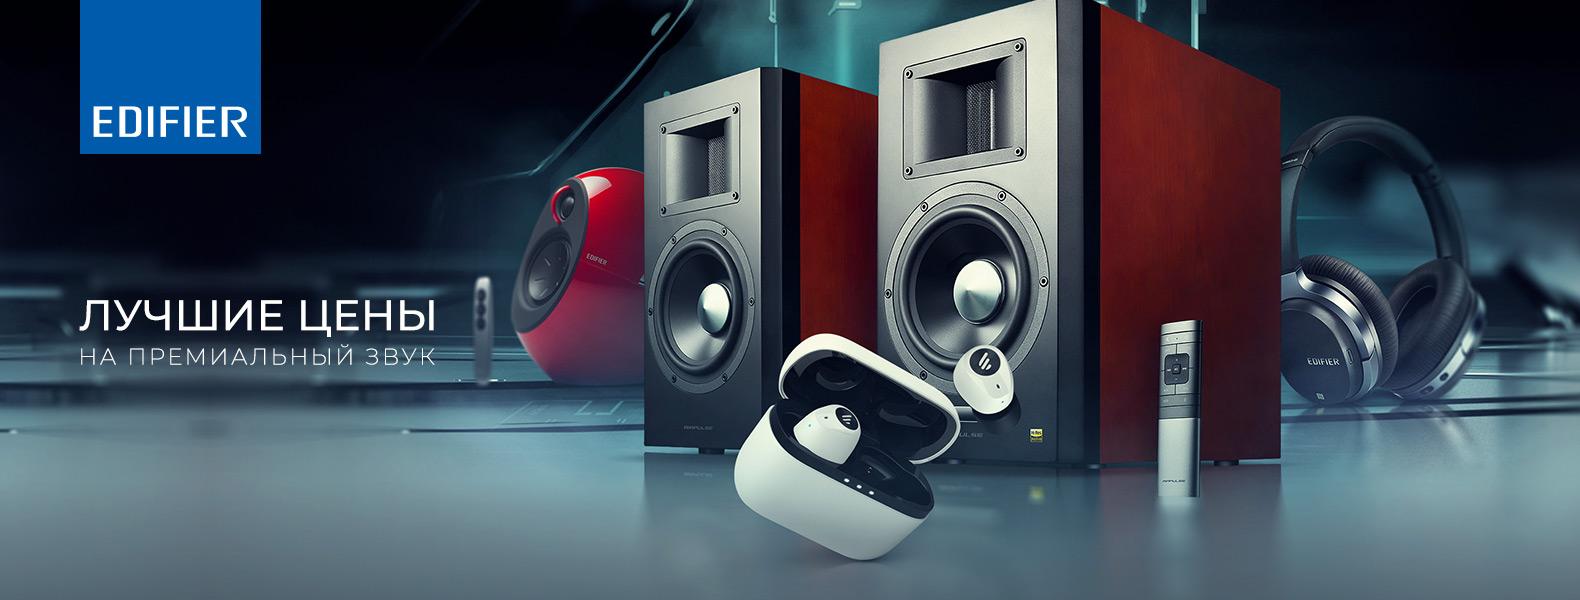 Лучшие цены на премиальный звук от Edifier